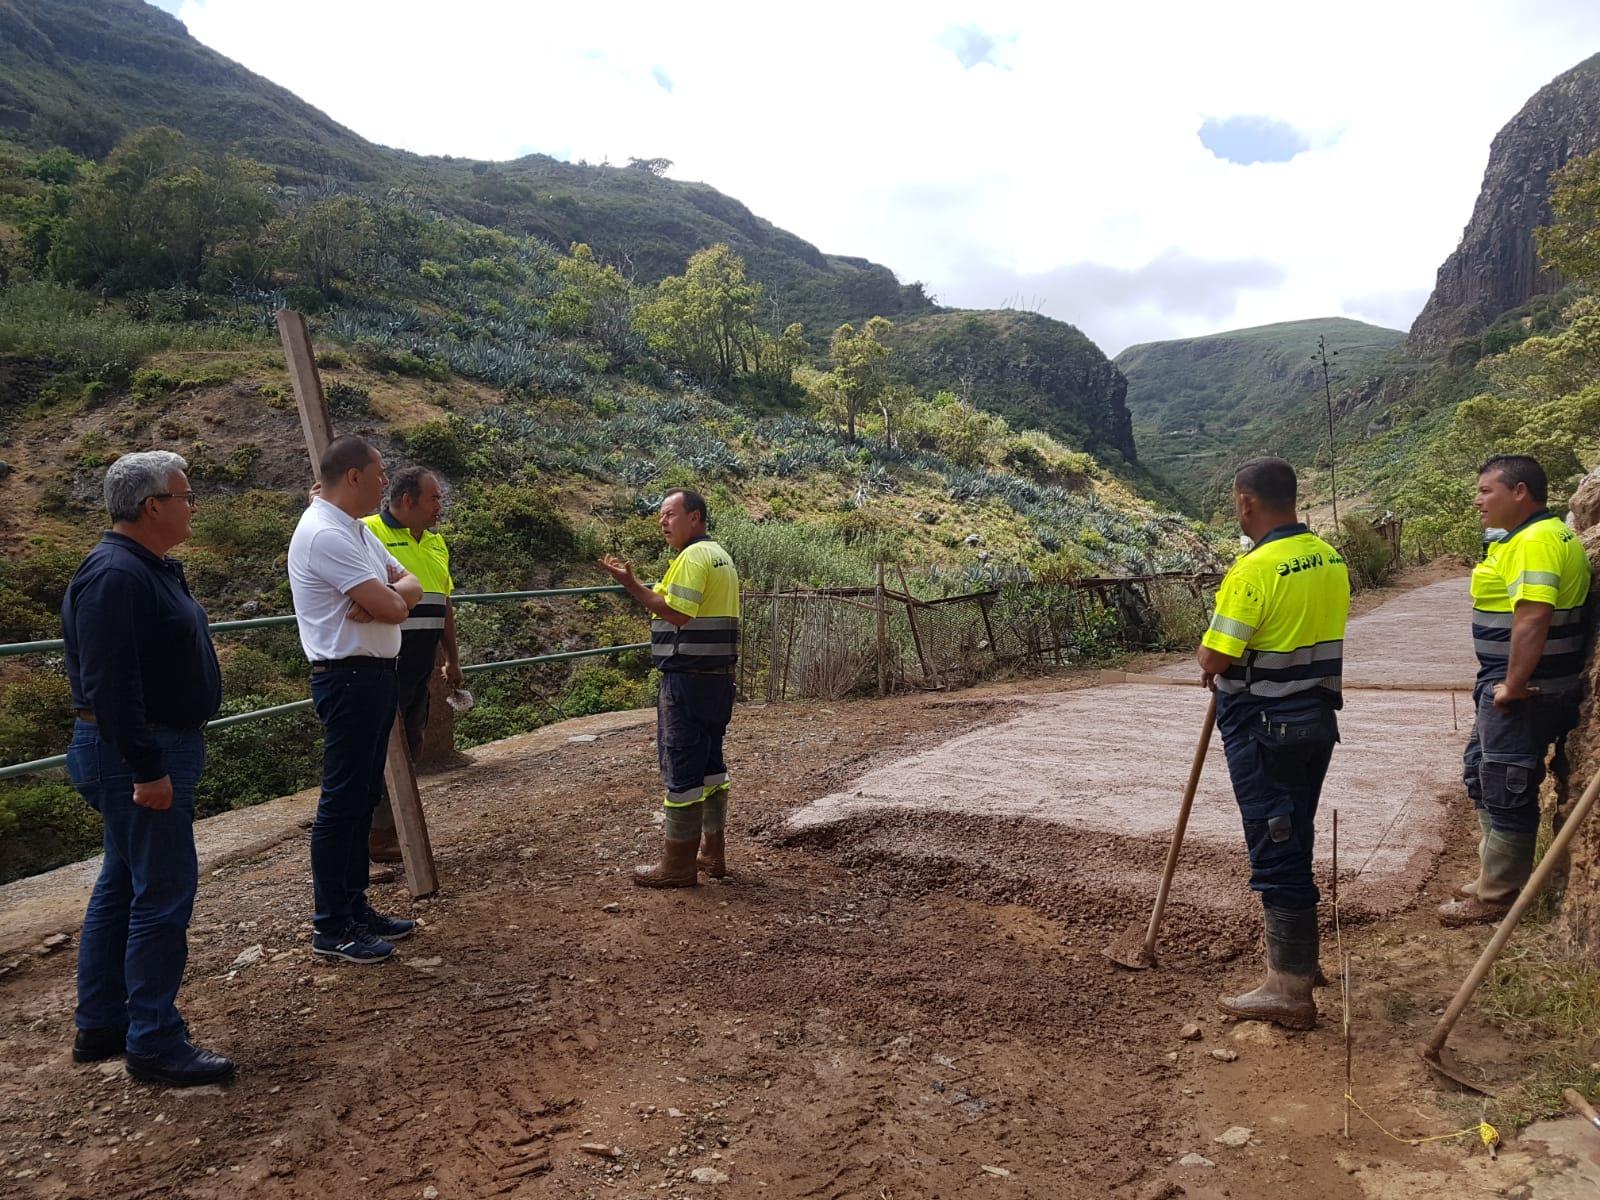 El Ayuntamiento de Guía invierte 120.000 euros en el acondicionamiento del acceso al barrio de Las Boticarias